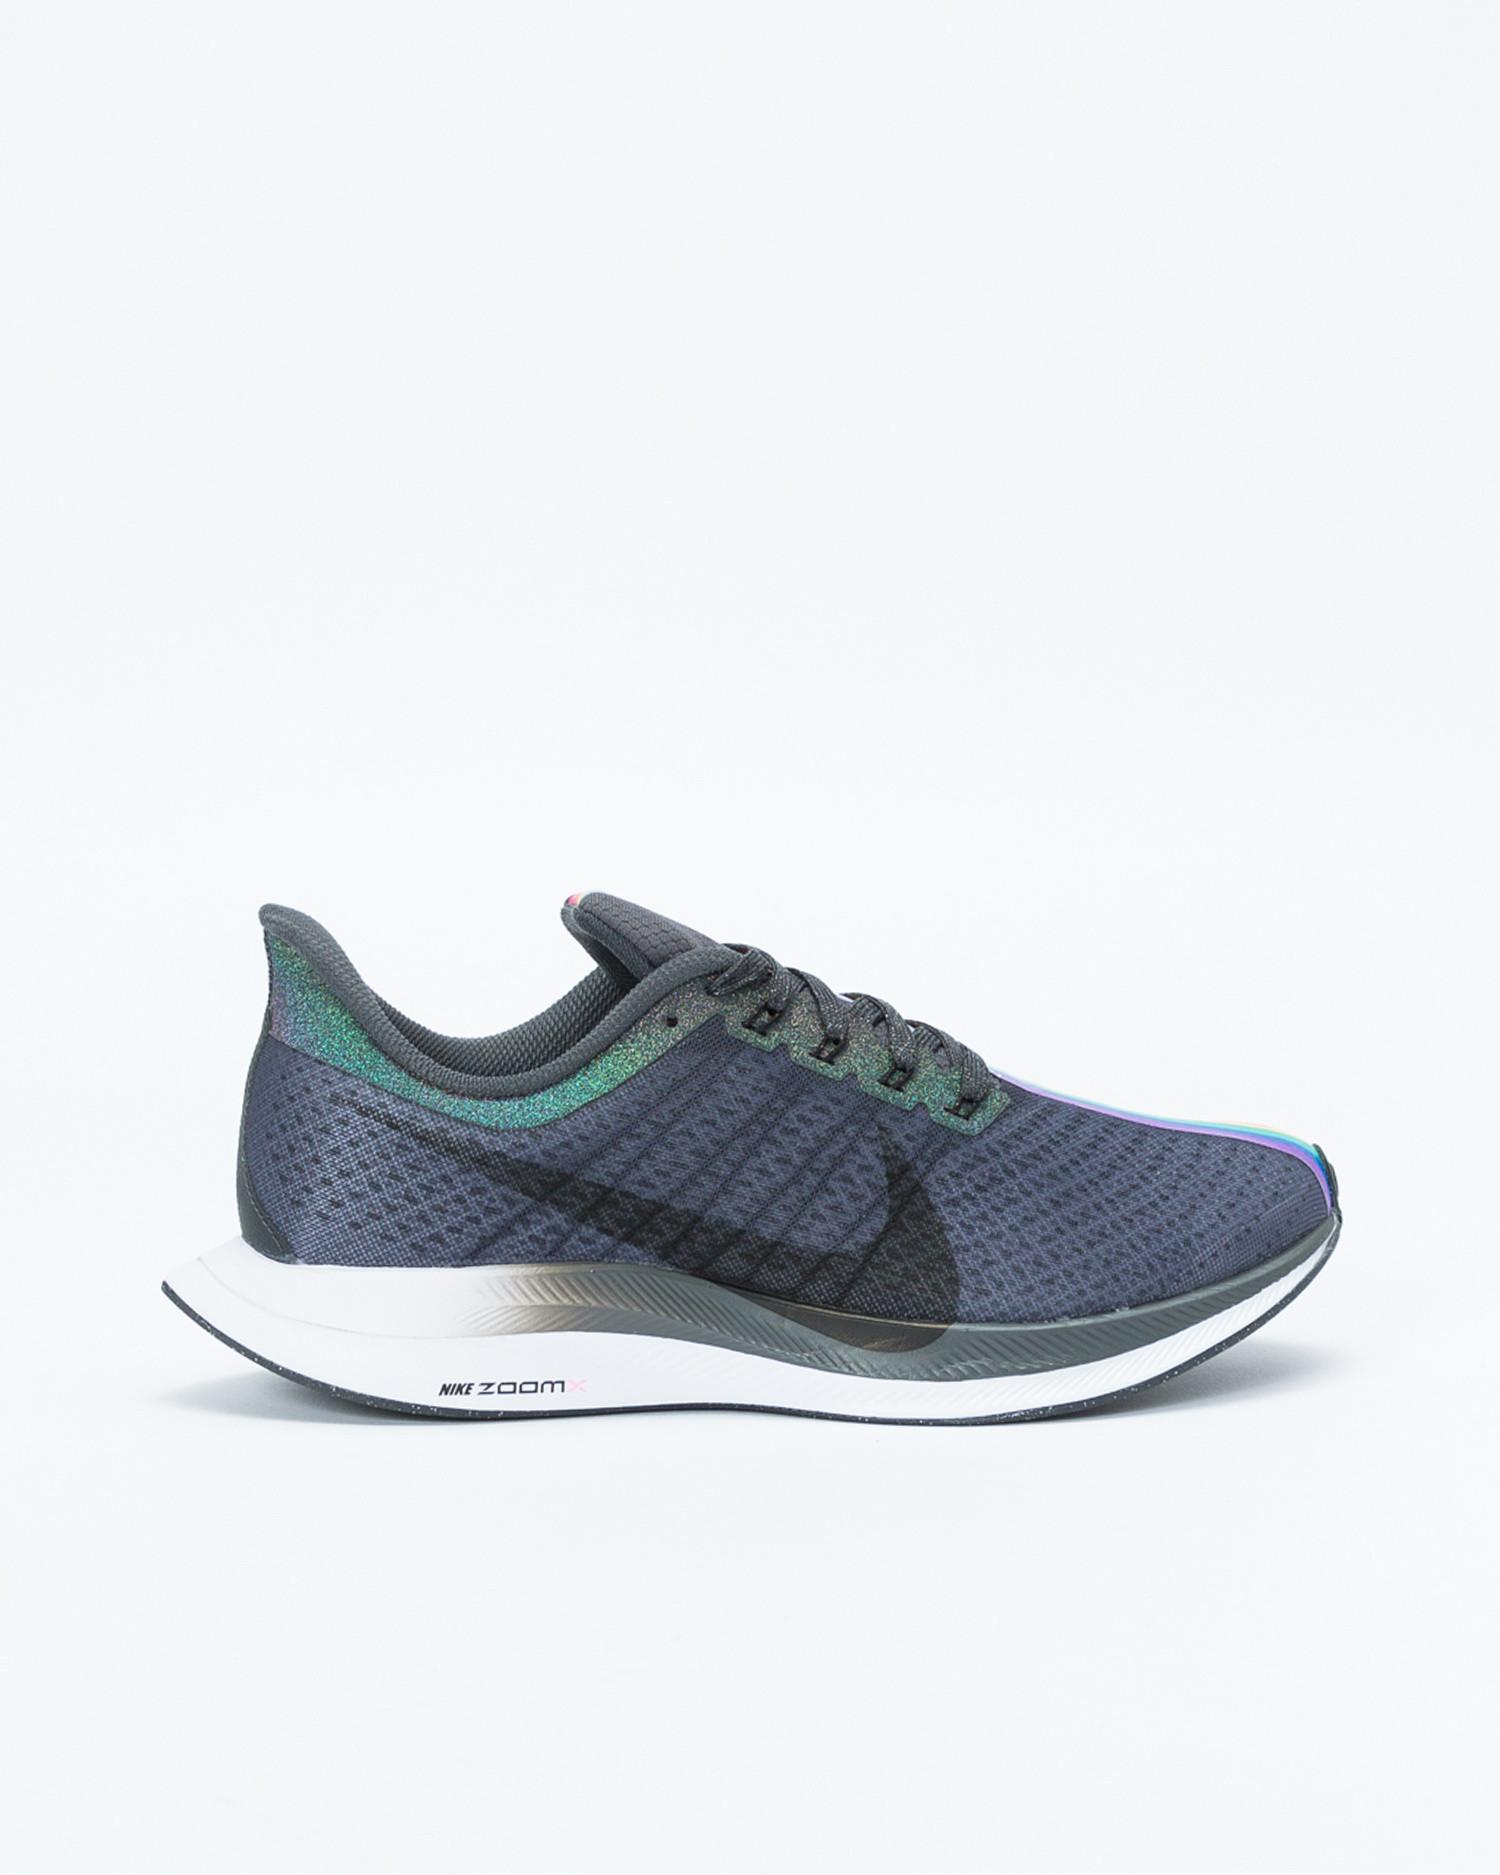 separation shoes cf89b 28d77 Nike Zoom Pegasus Turbo Betrue Anthracite/Black-Dark Grey-White